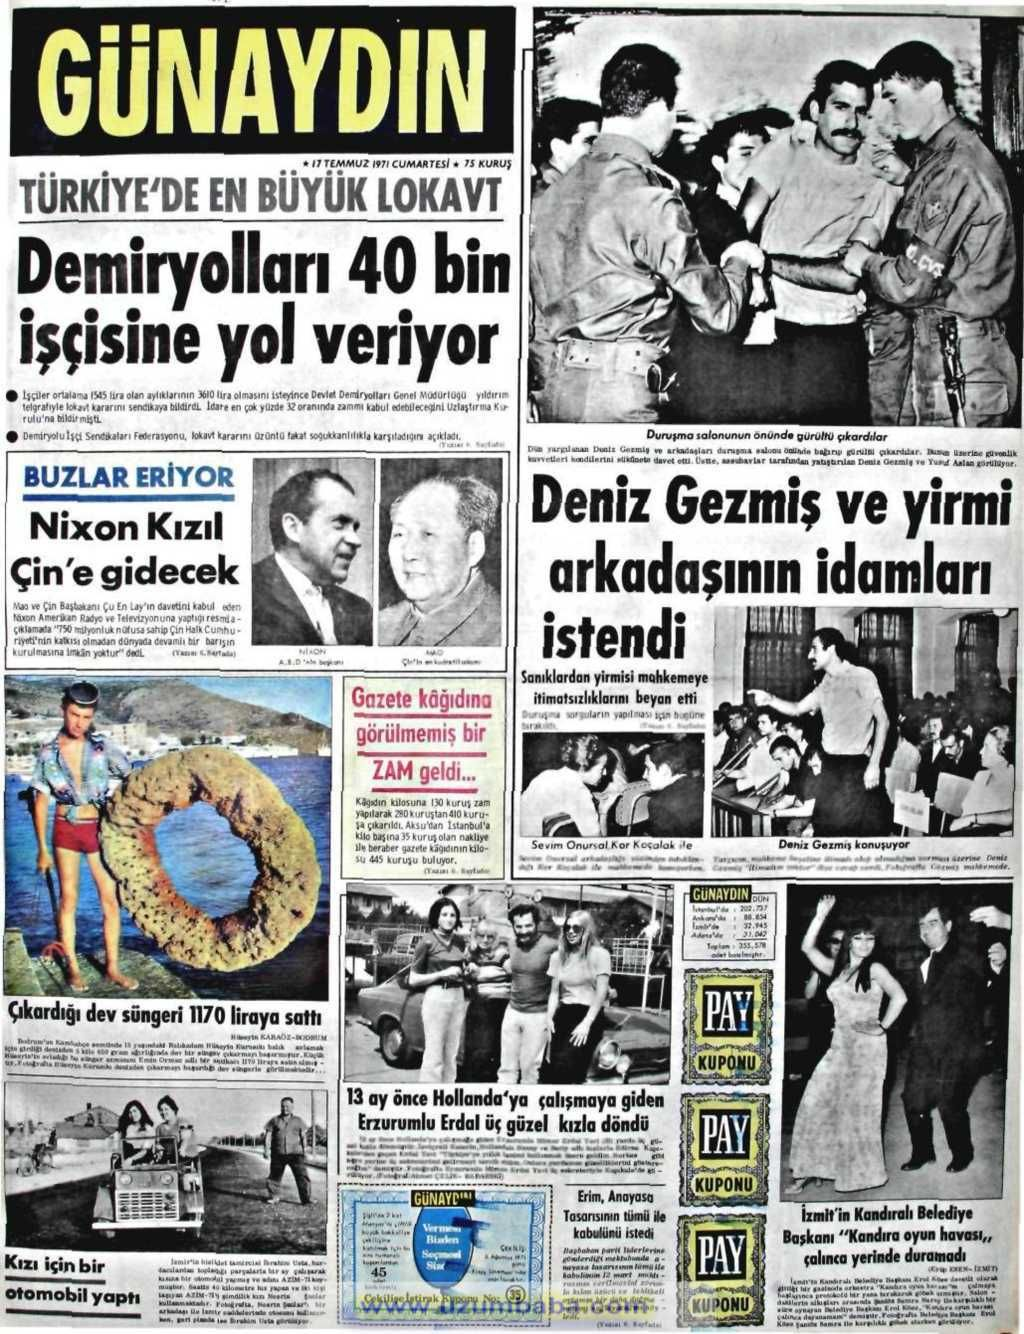 Günaydın gazetesi 17 temmuz 1971